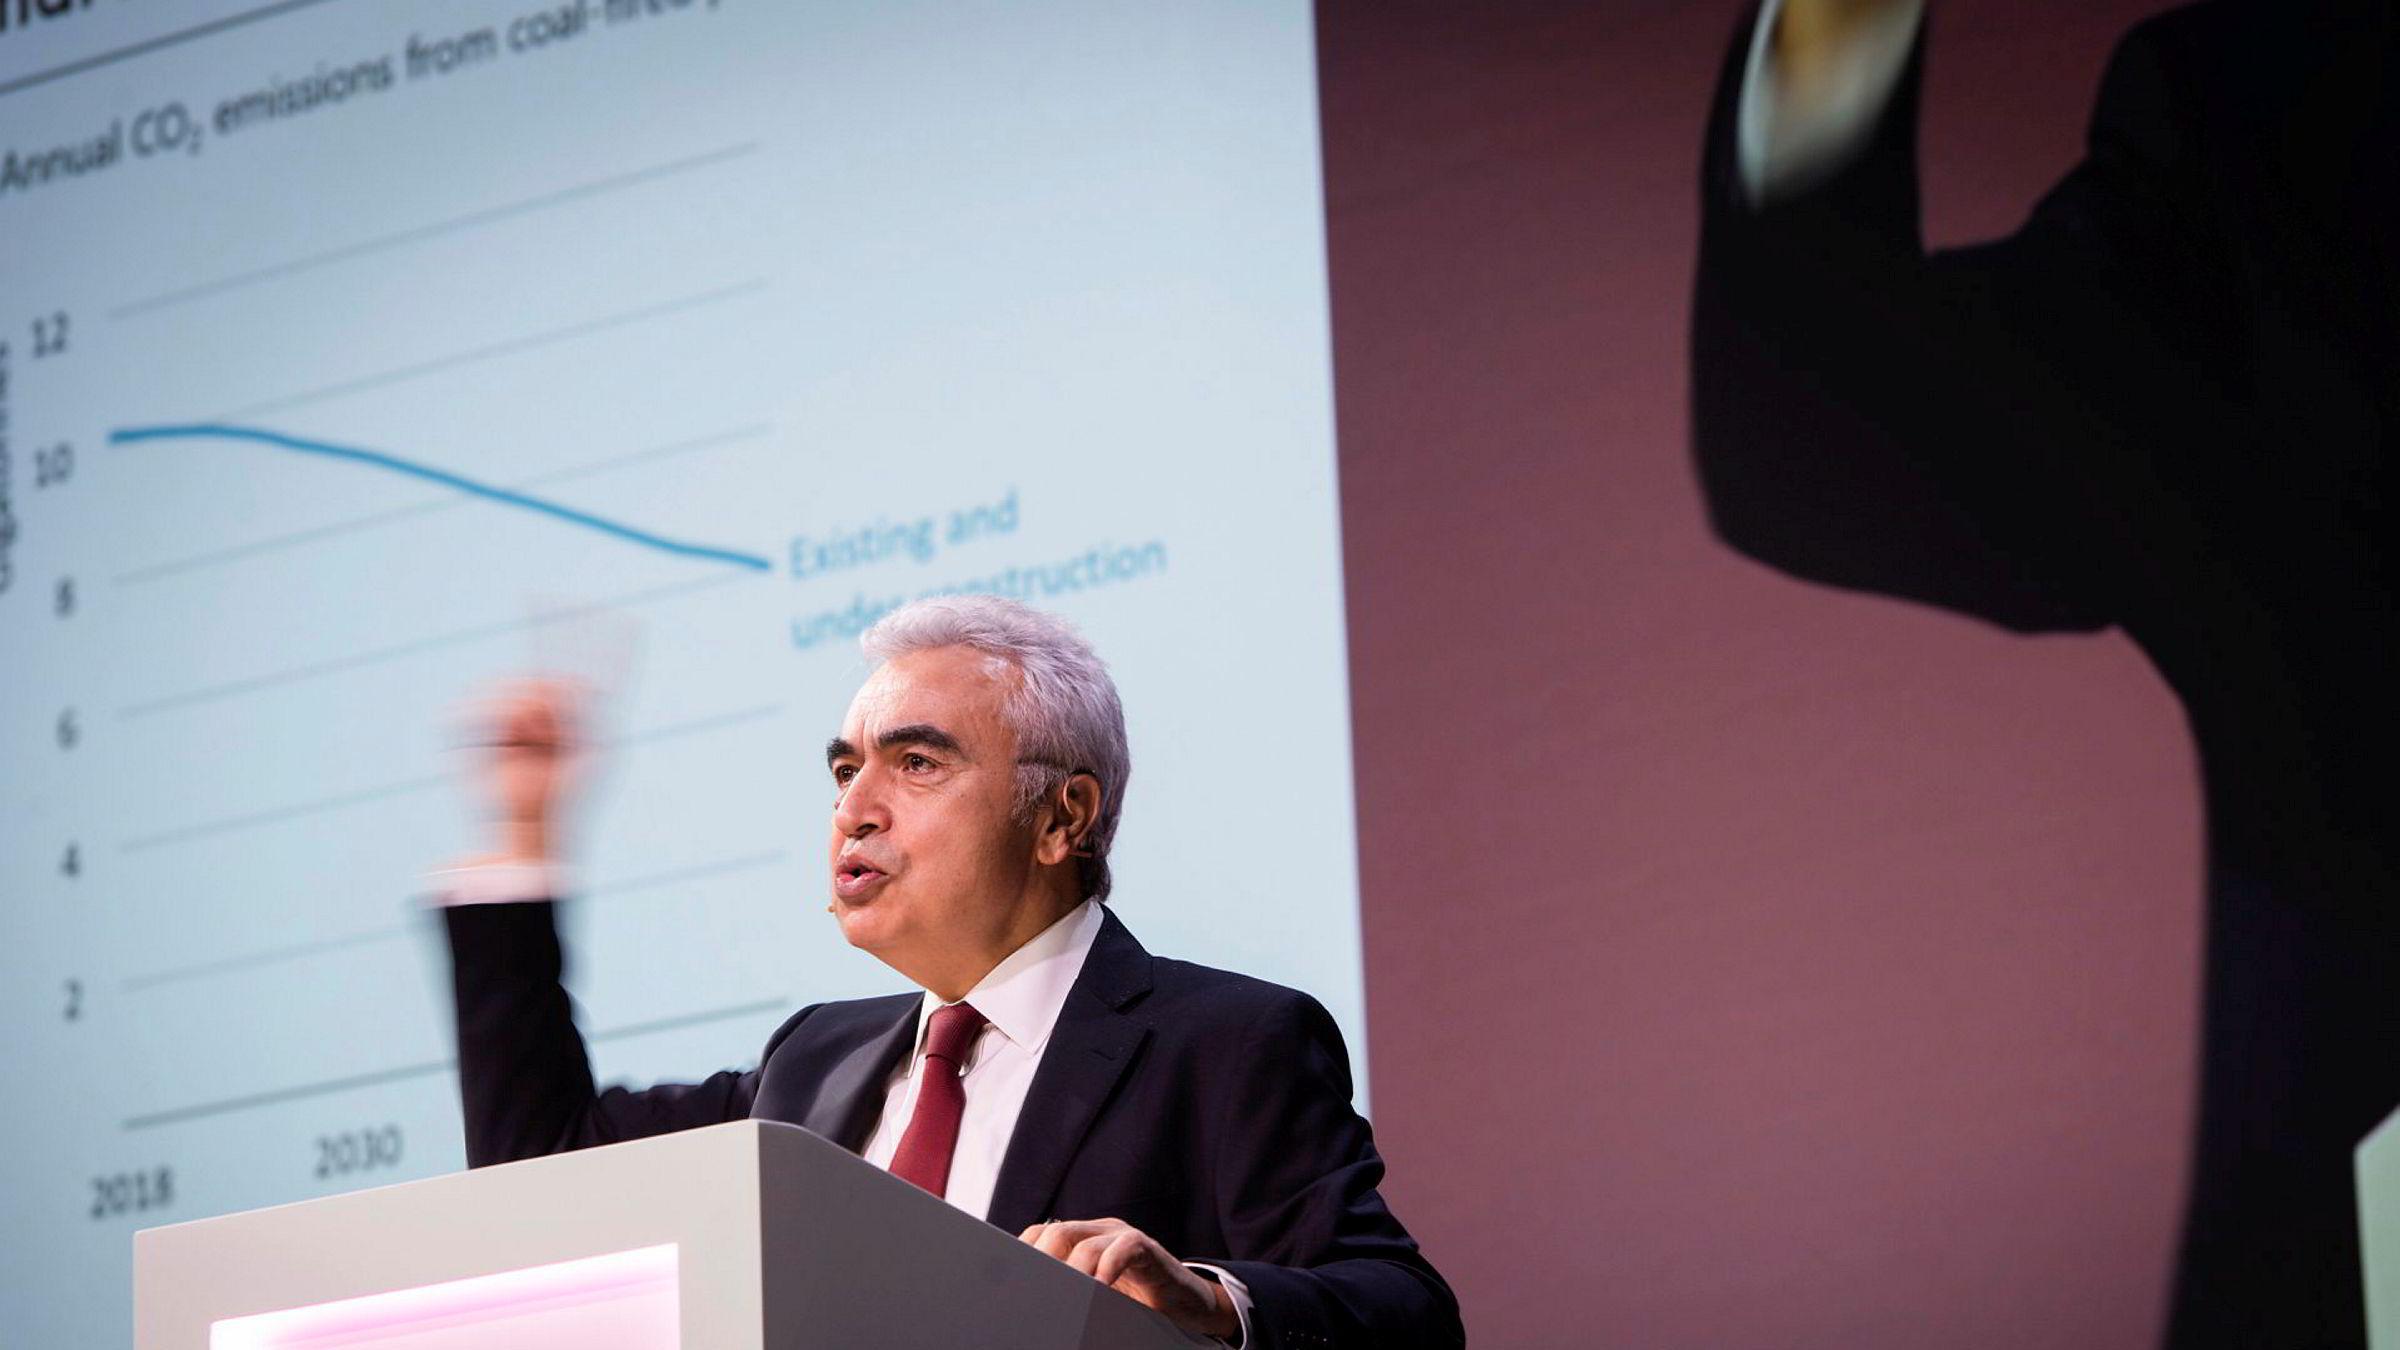 Toppsjef Fatih Birol i Det internasjonale energibyrået (IEA) tror veksten i etterspørselen etter olje  vil øke i år.